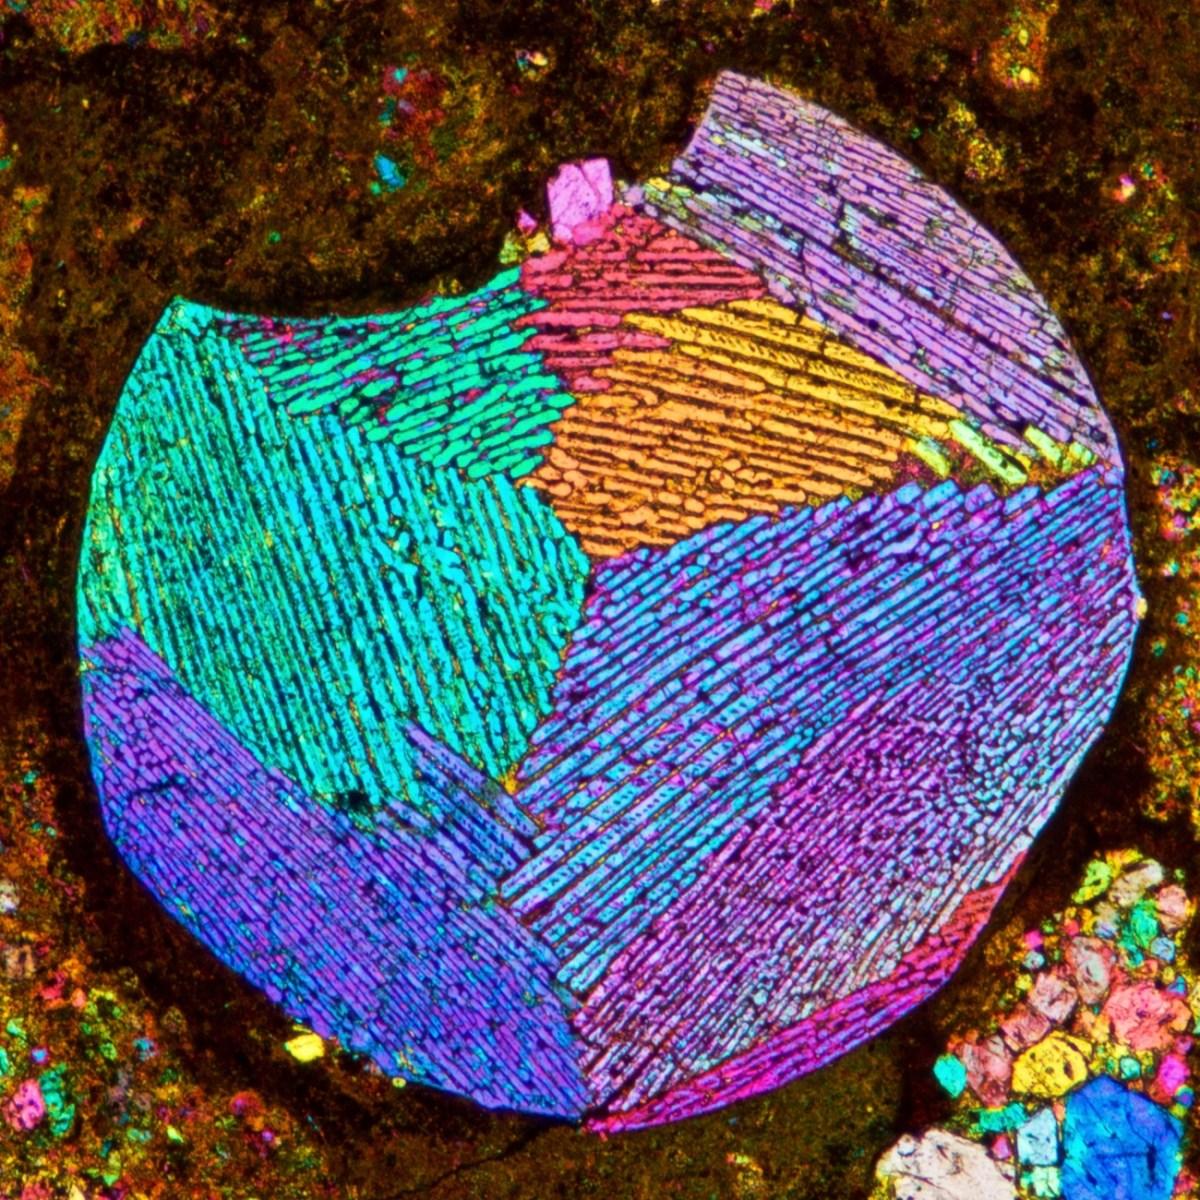 Microscopy Today Micrograph Awards Gallery 2020 | Microscopy Society of  America